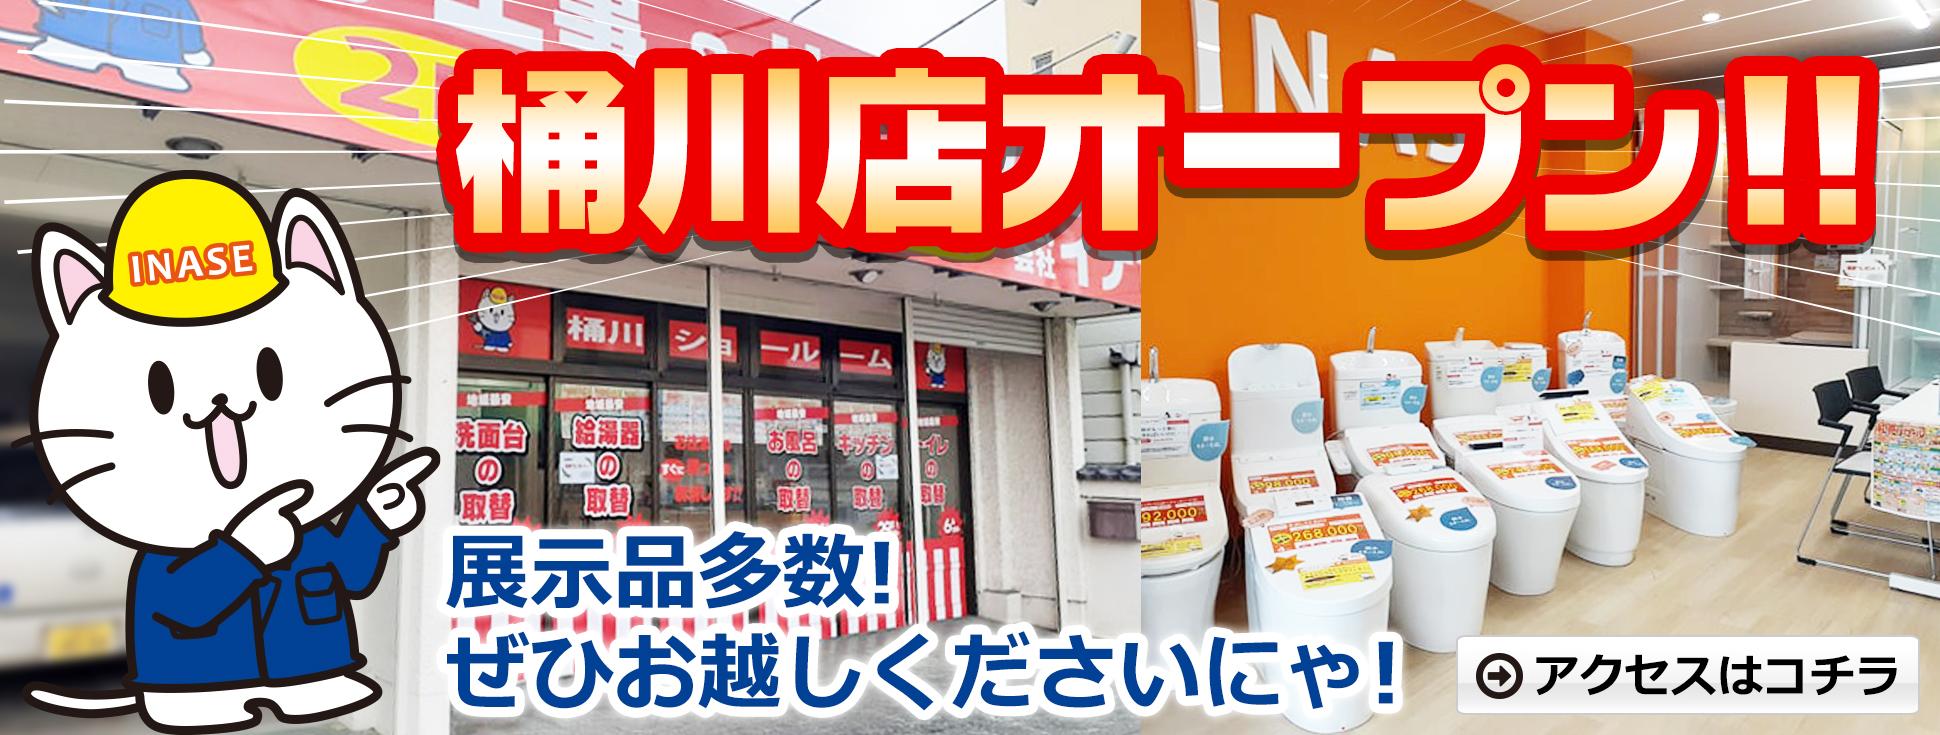 桶川店オープン!展示品多数!ぜひお越しくださいにゃ!